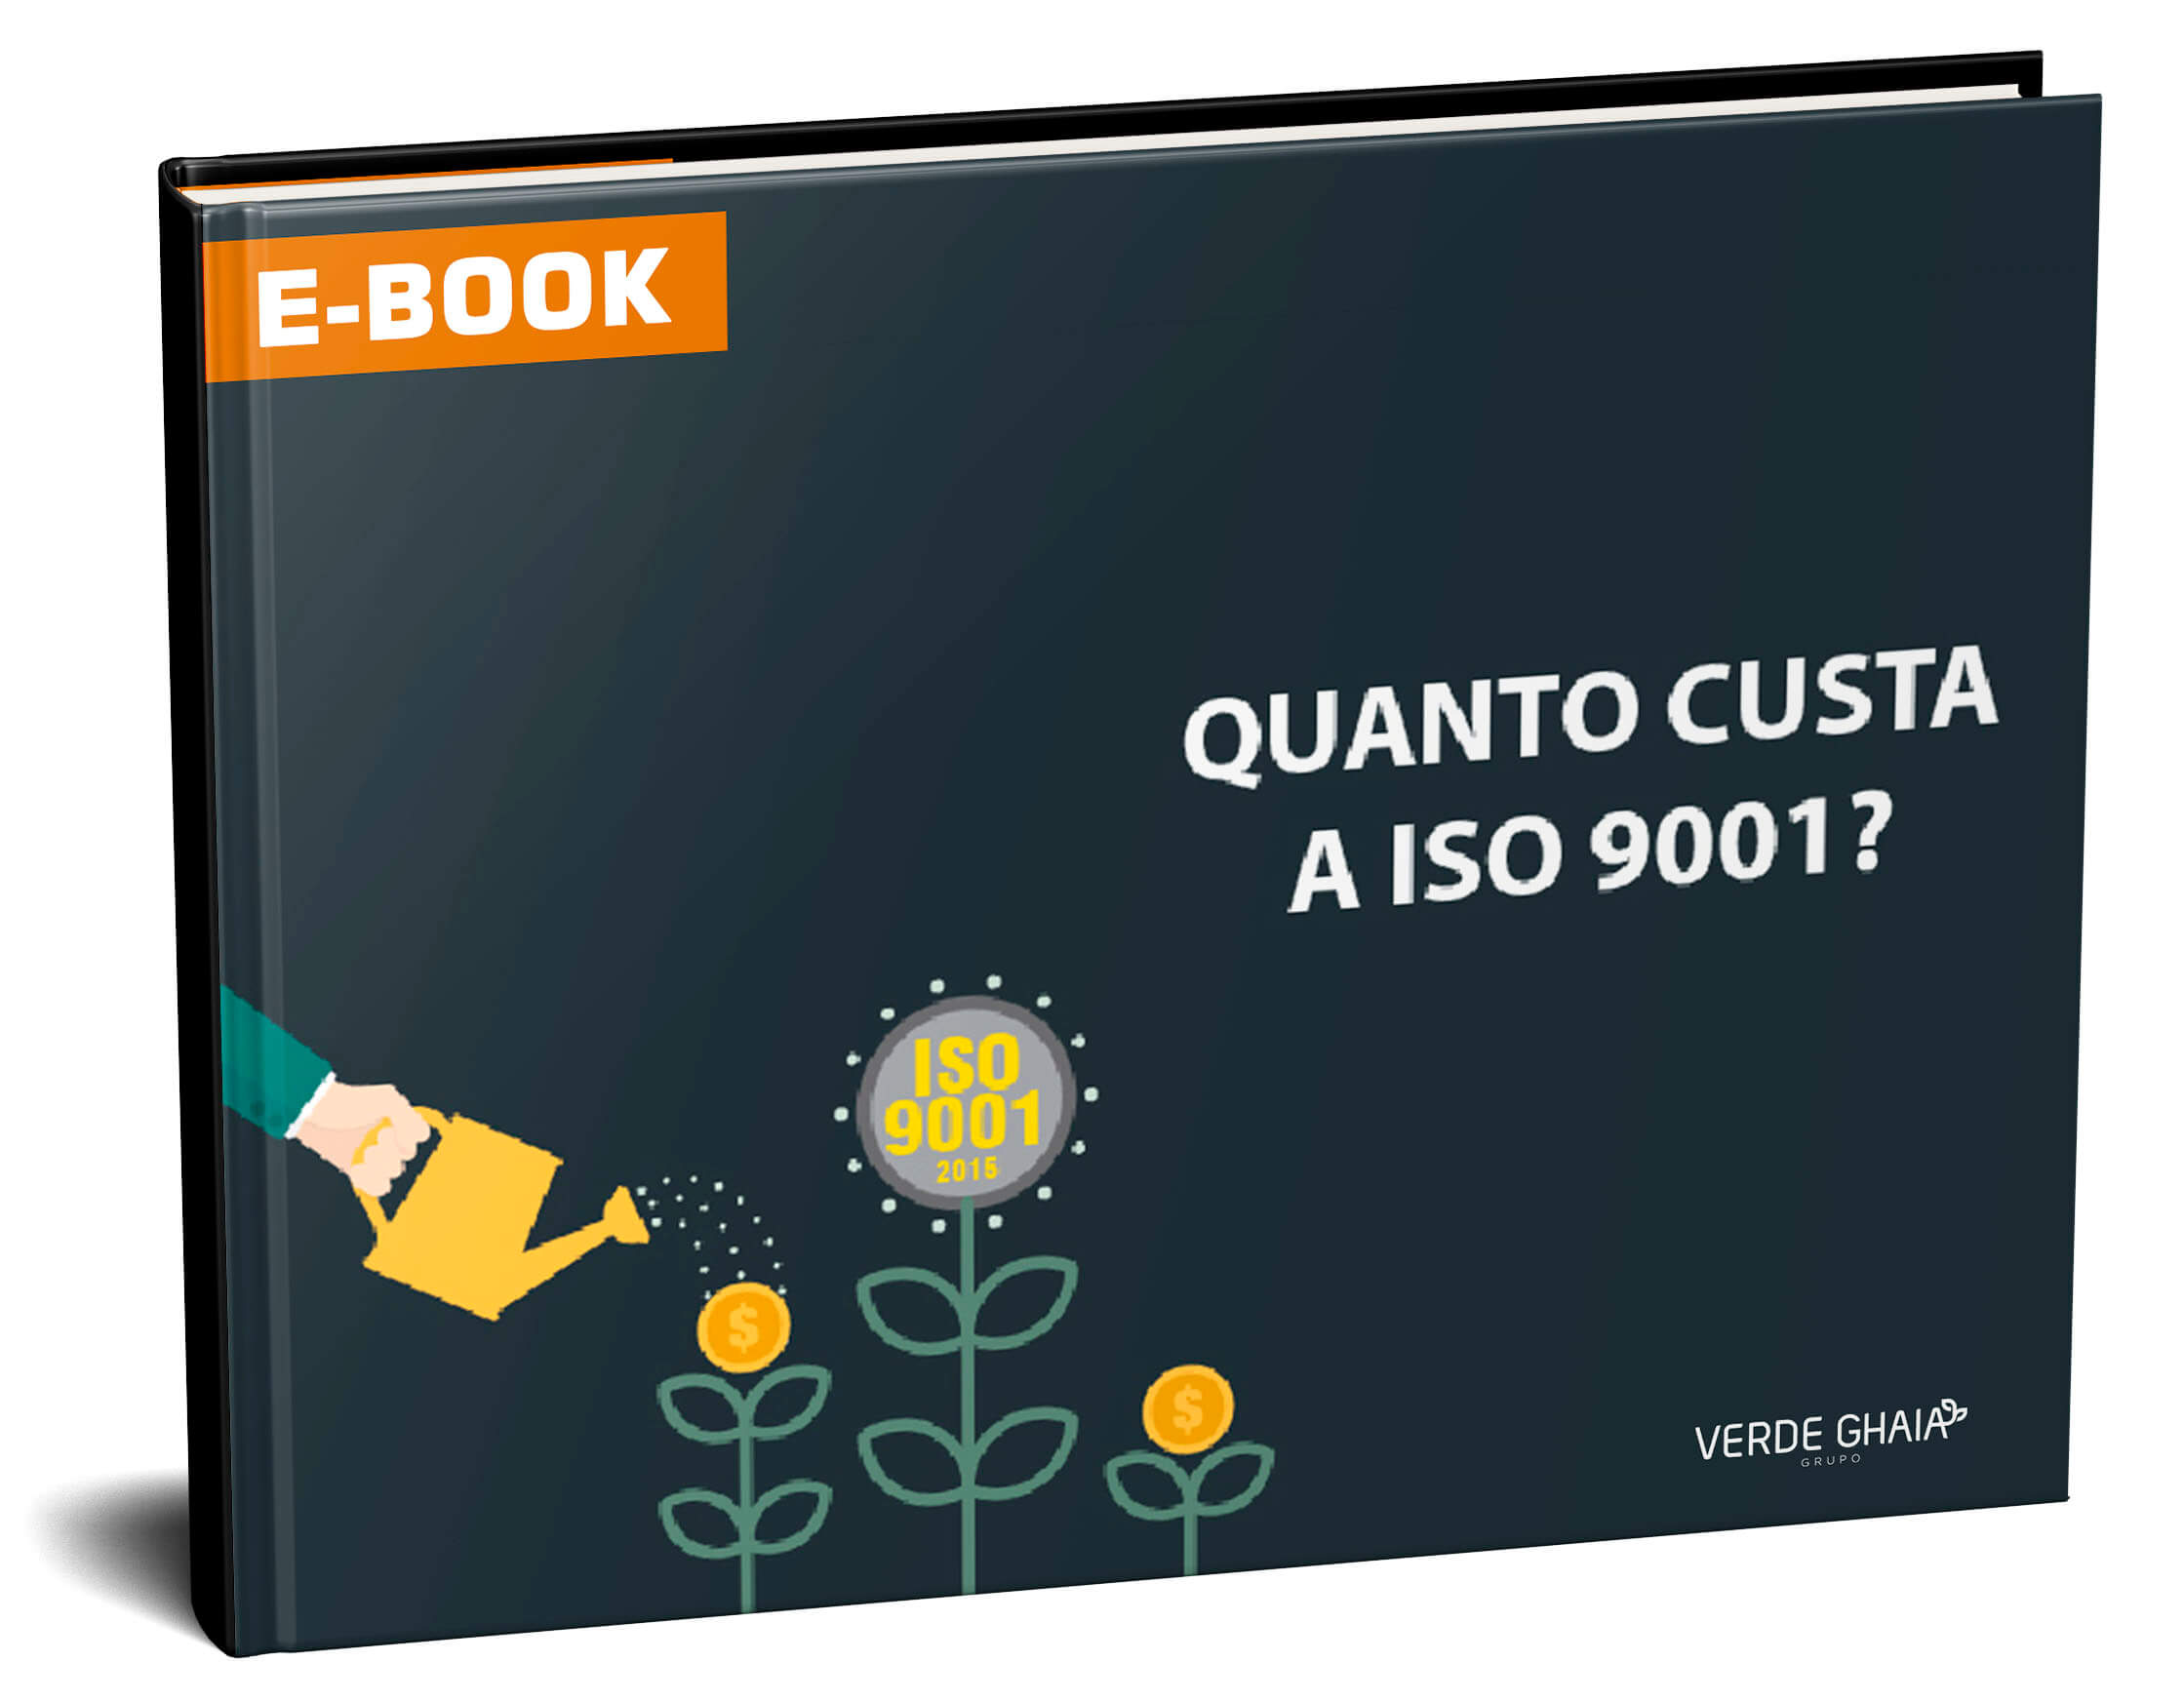 Quanto custa a ISO 9001